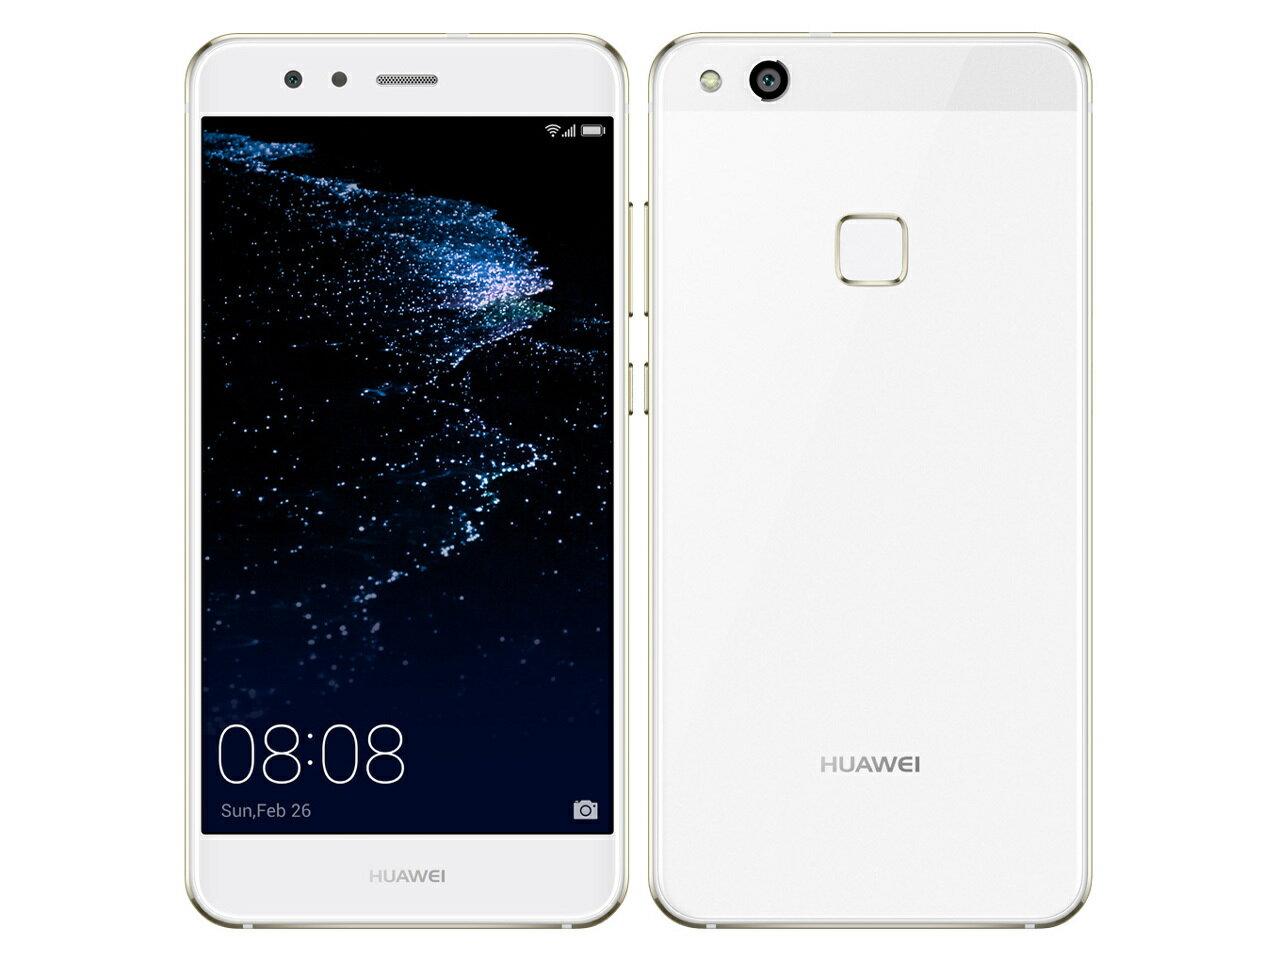 「新品 未使用品」UQmobile Huawei(ファーウェイ) P10 Lite WAS-LX2J Pearl white パールホワイト [LTE対応] [SIMフリースマホ]